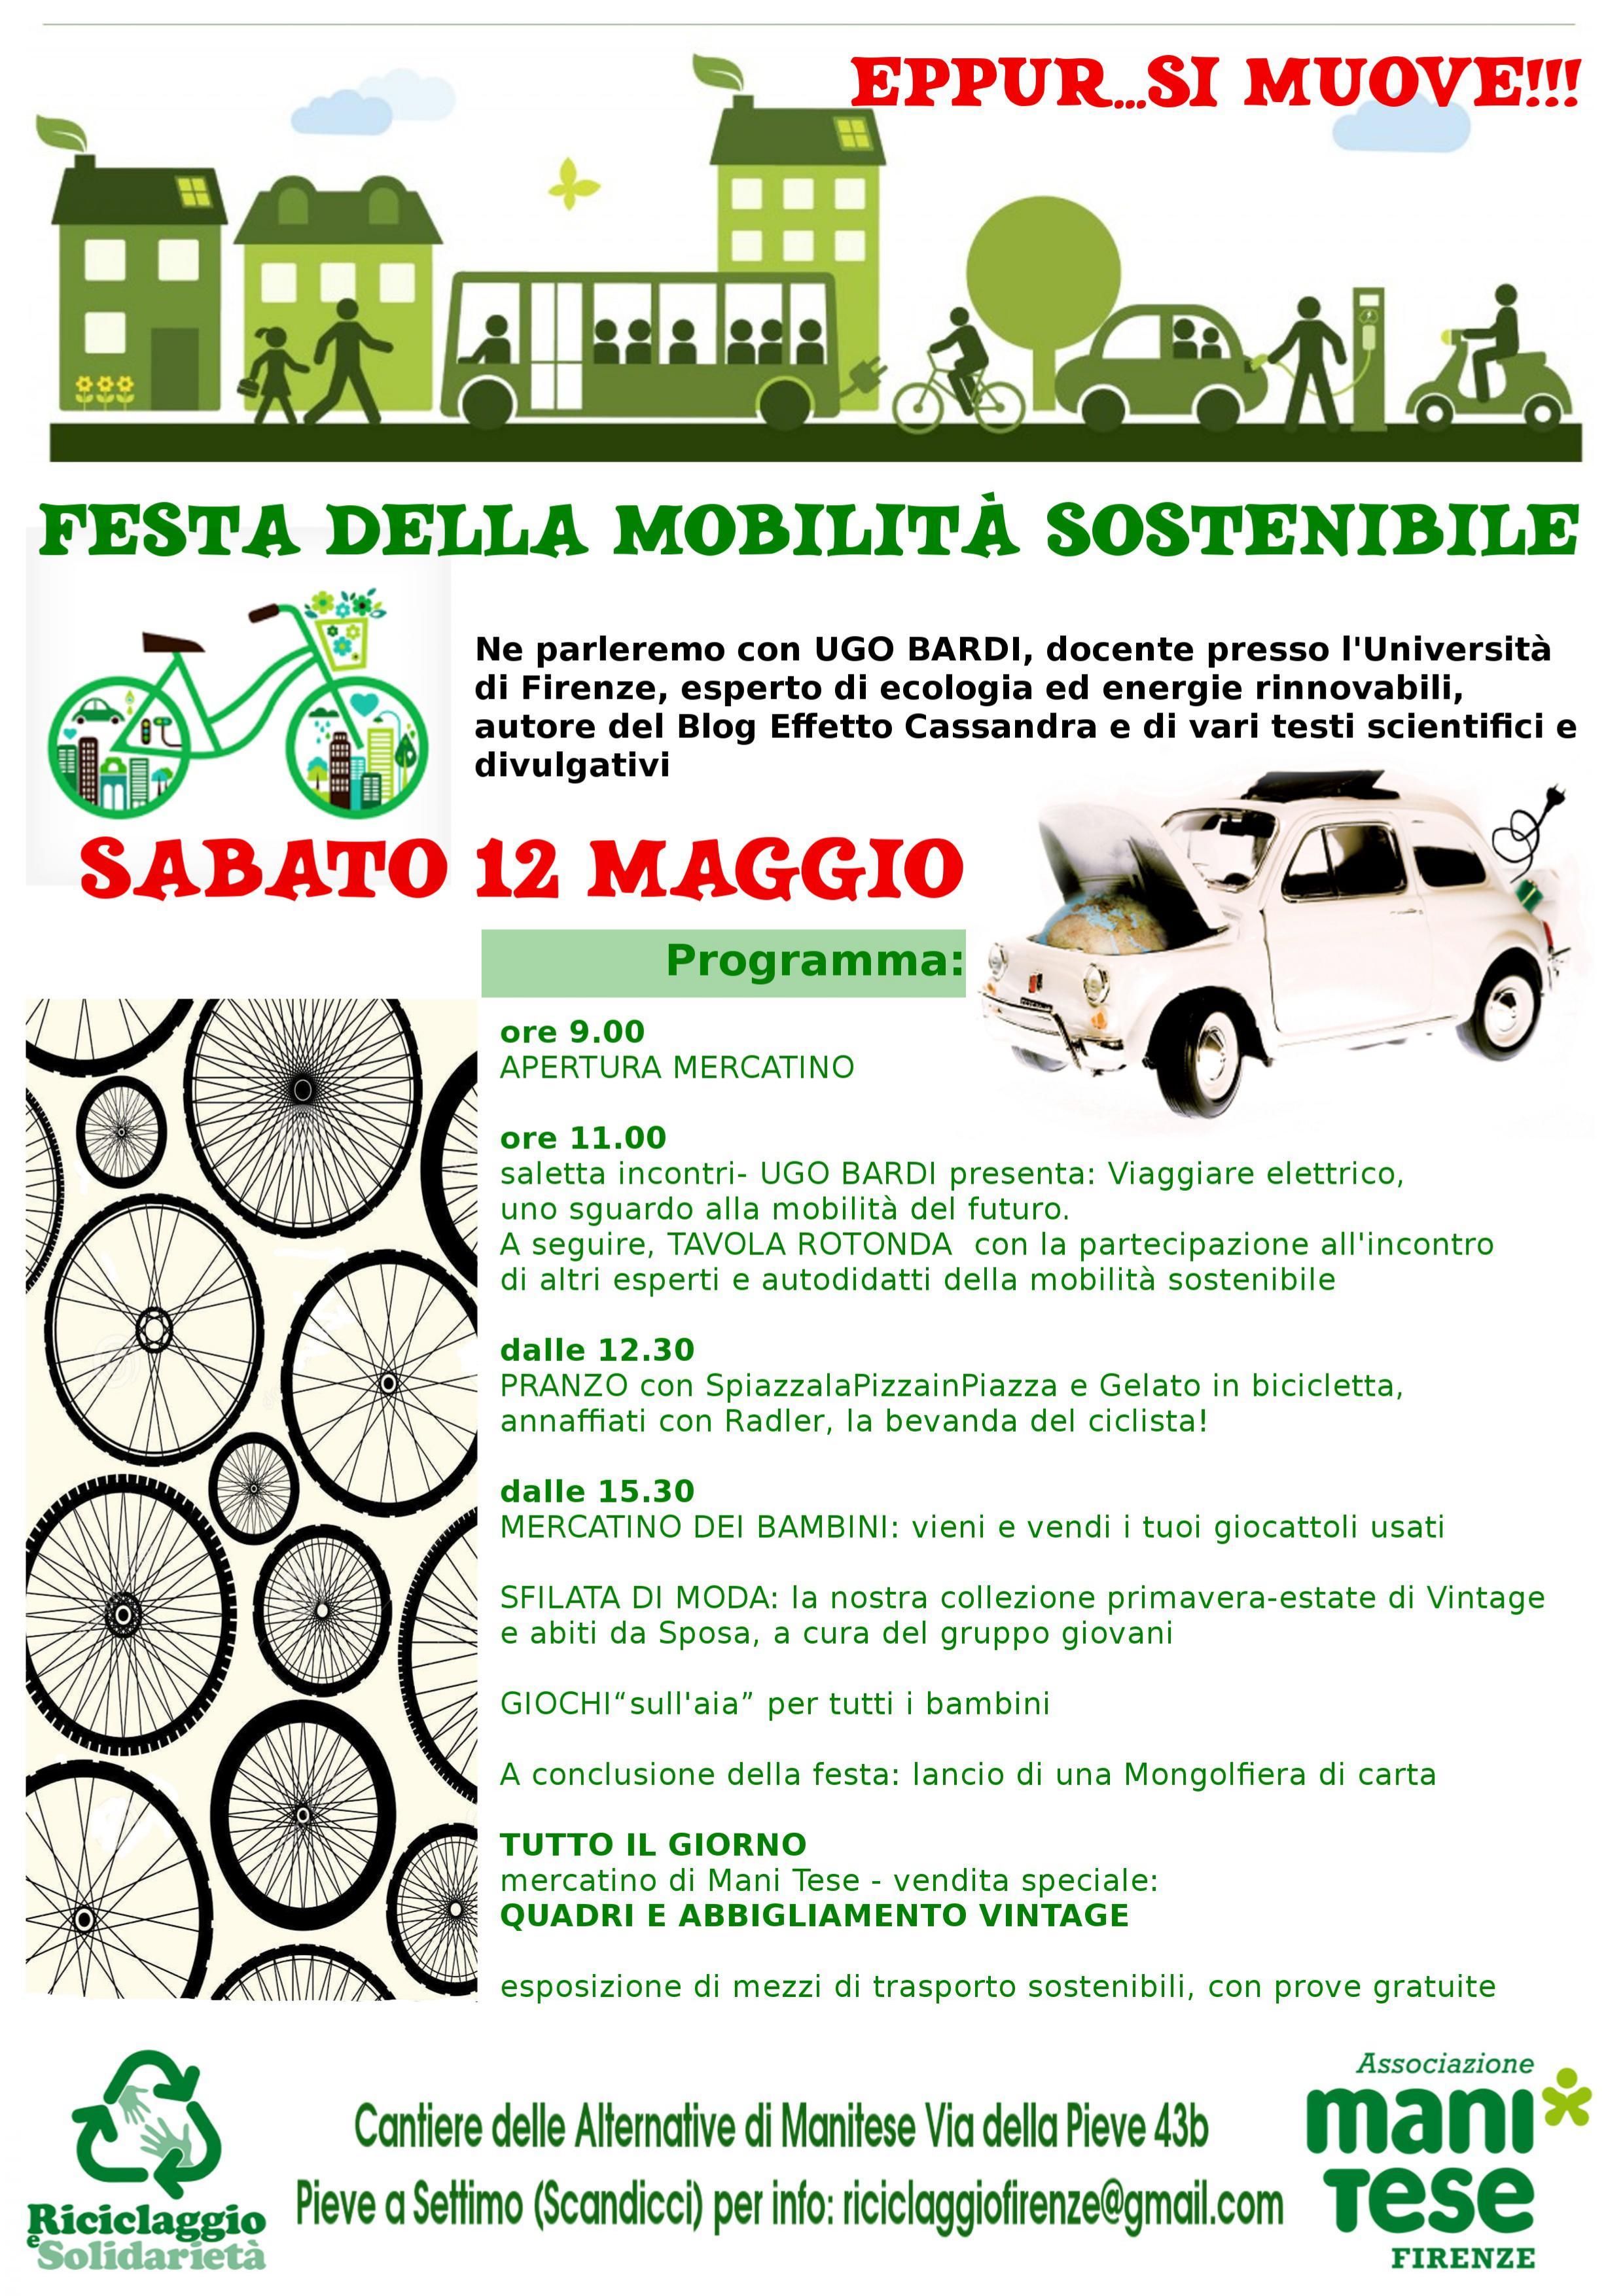 festa mobilità sostenibile firenze 2018